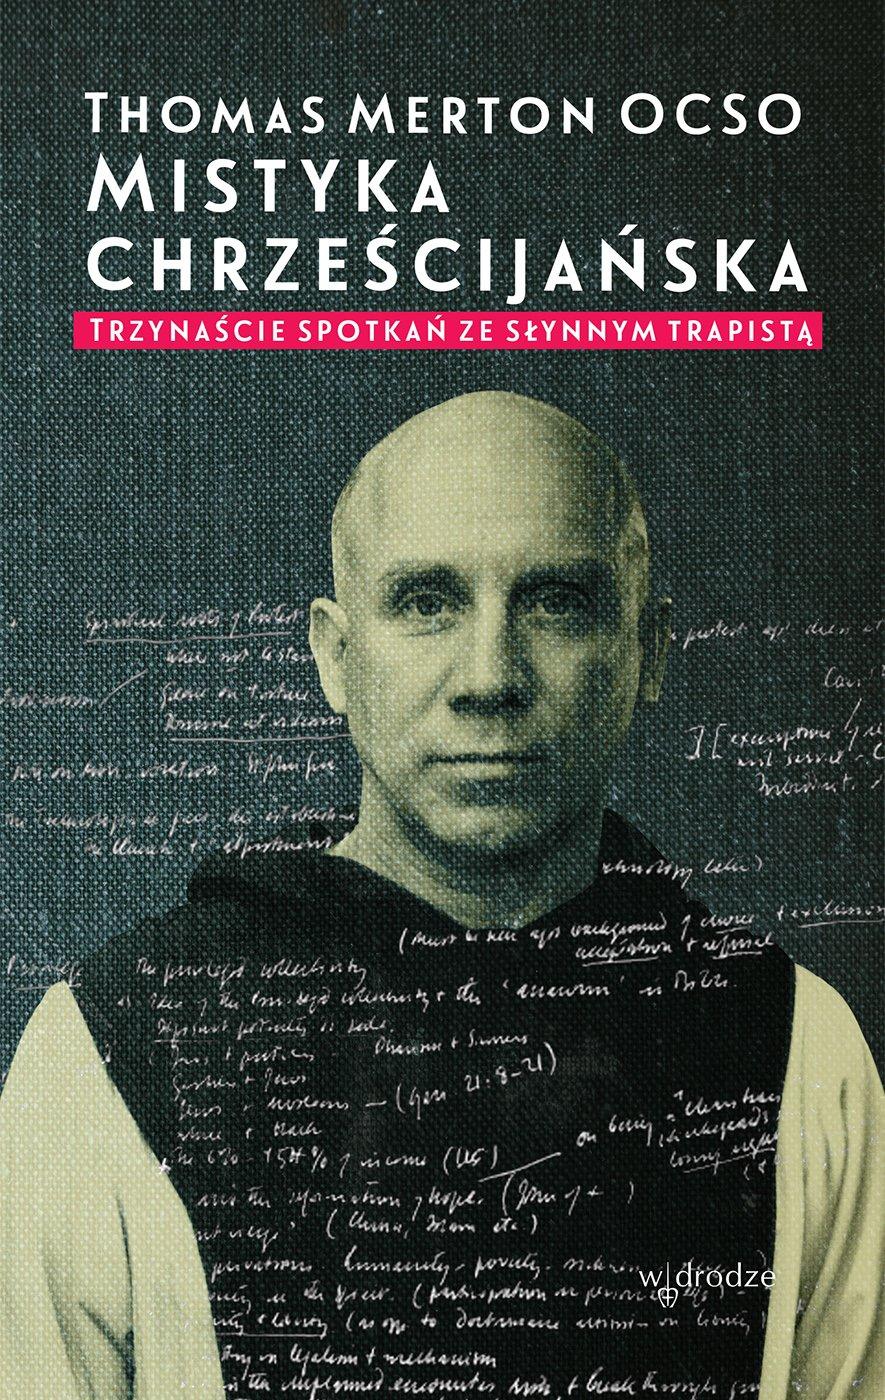 Mistyka chrześcijańska. Trzynaście spotkań ze słynnym trapistą - Ebook (Książka PDF) do pobrania w formacie PDF